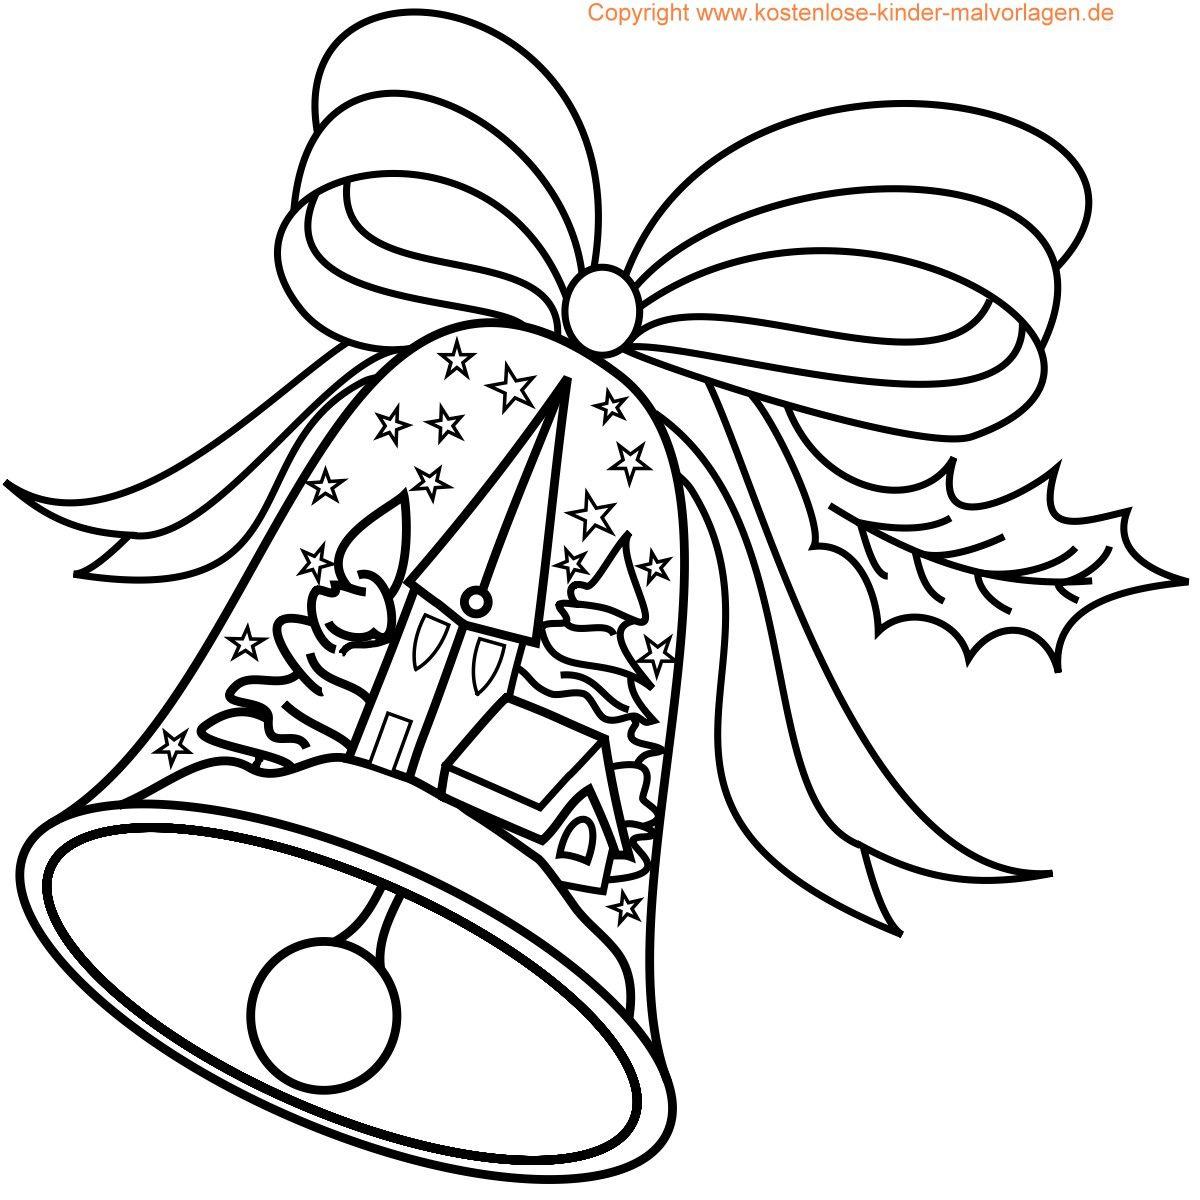 Weihnachten Malvorlagen (Mit Bildern)   Malvorlagen verwandt mit Weihnachtsbilder Zum Ausmalen Und Drucken